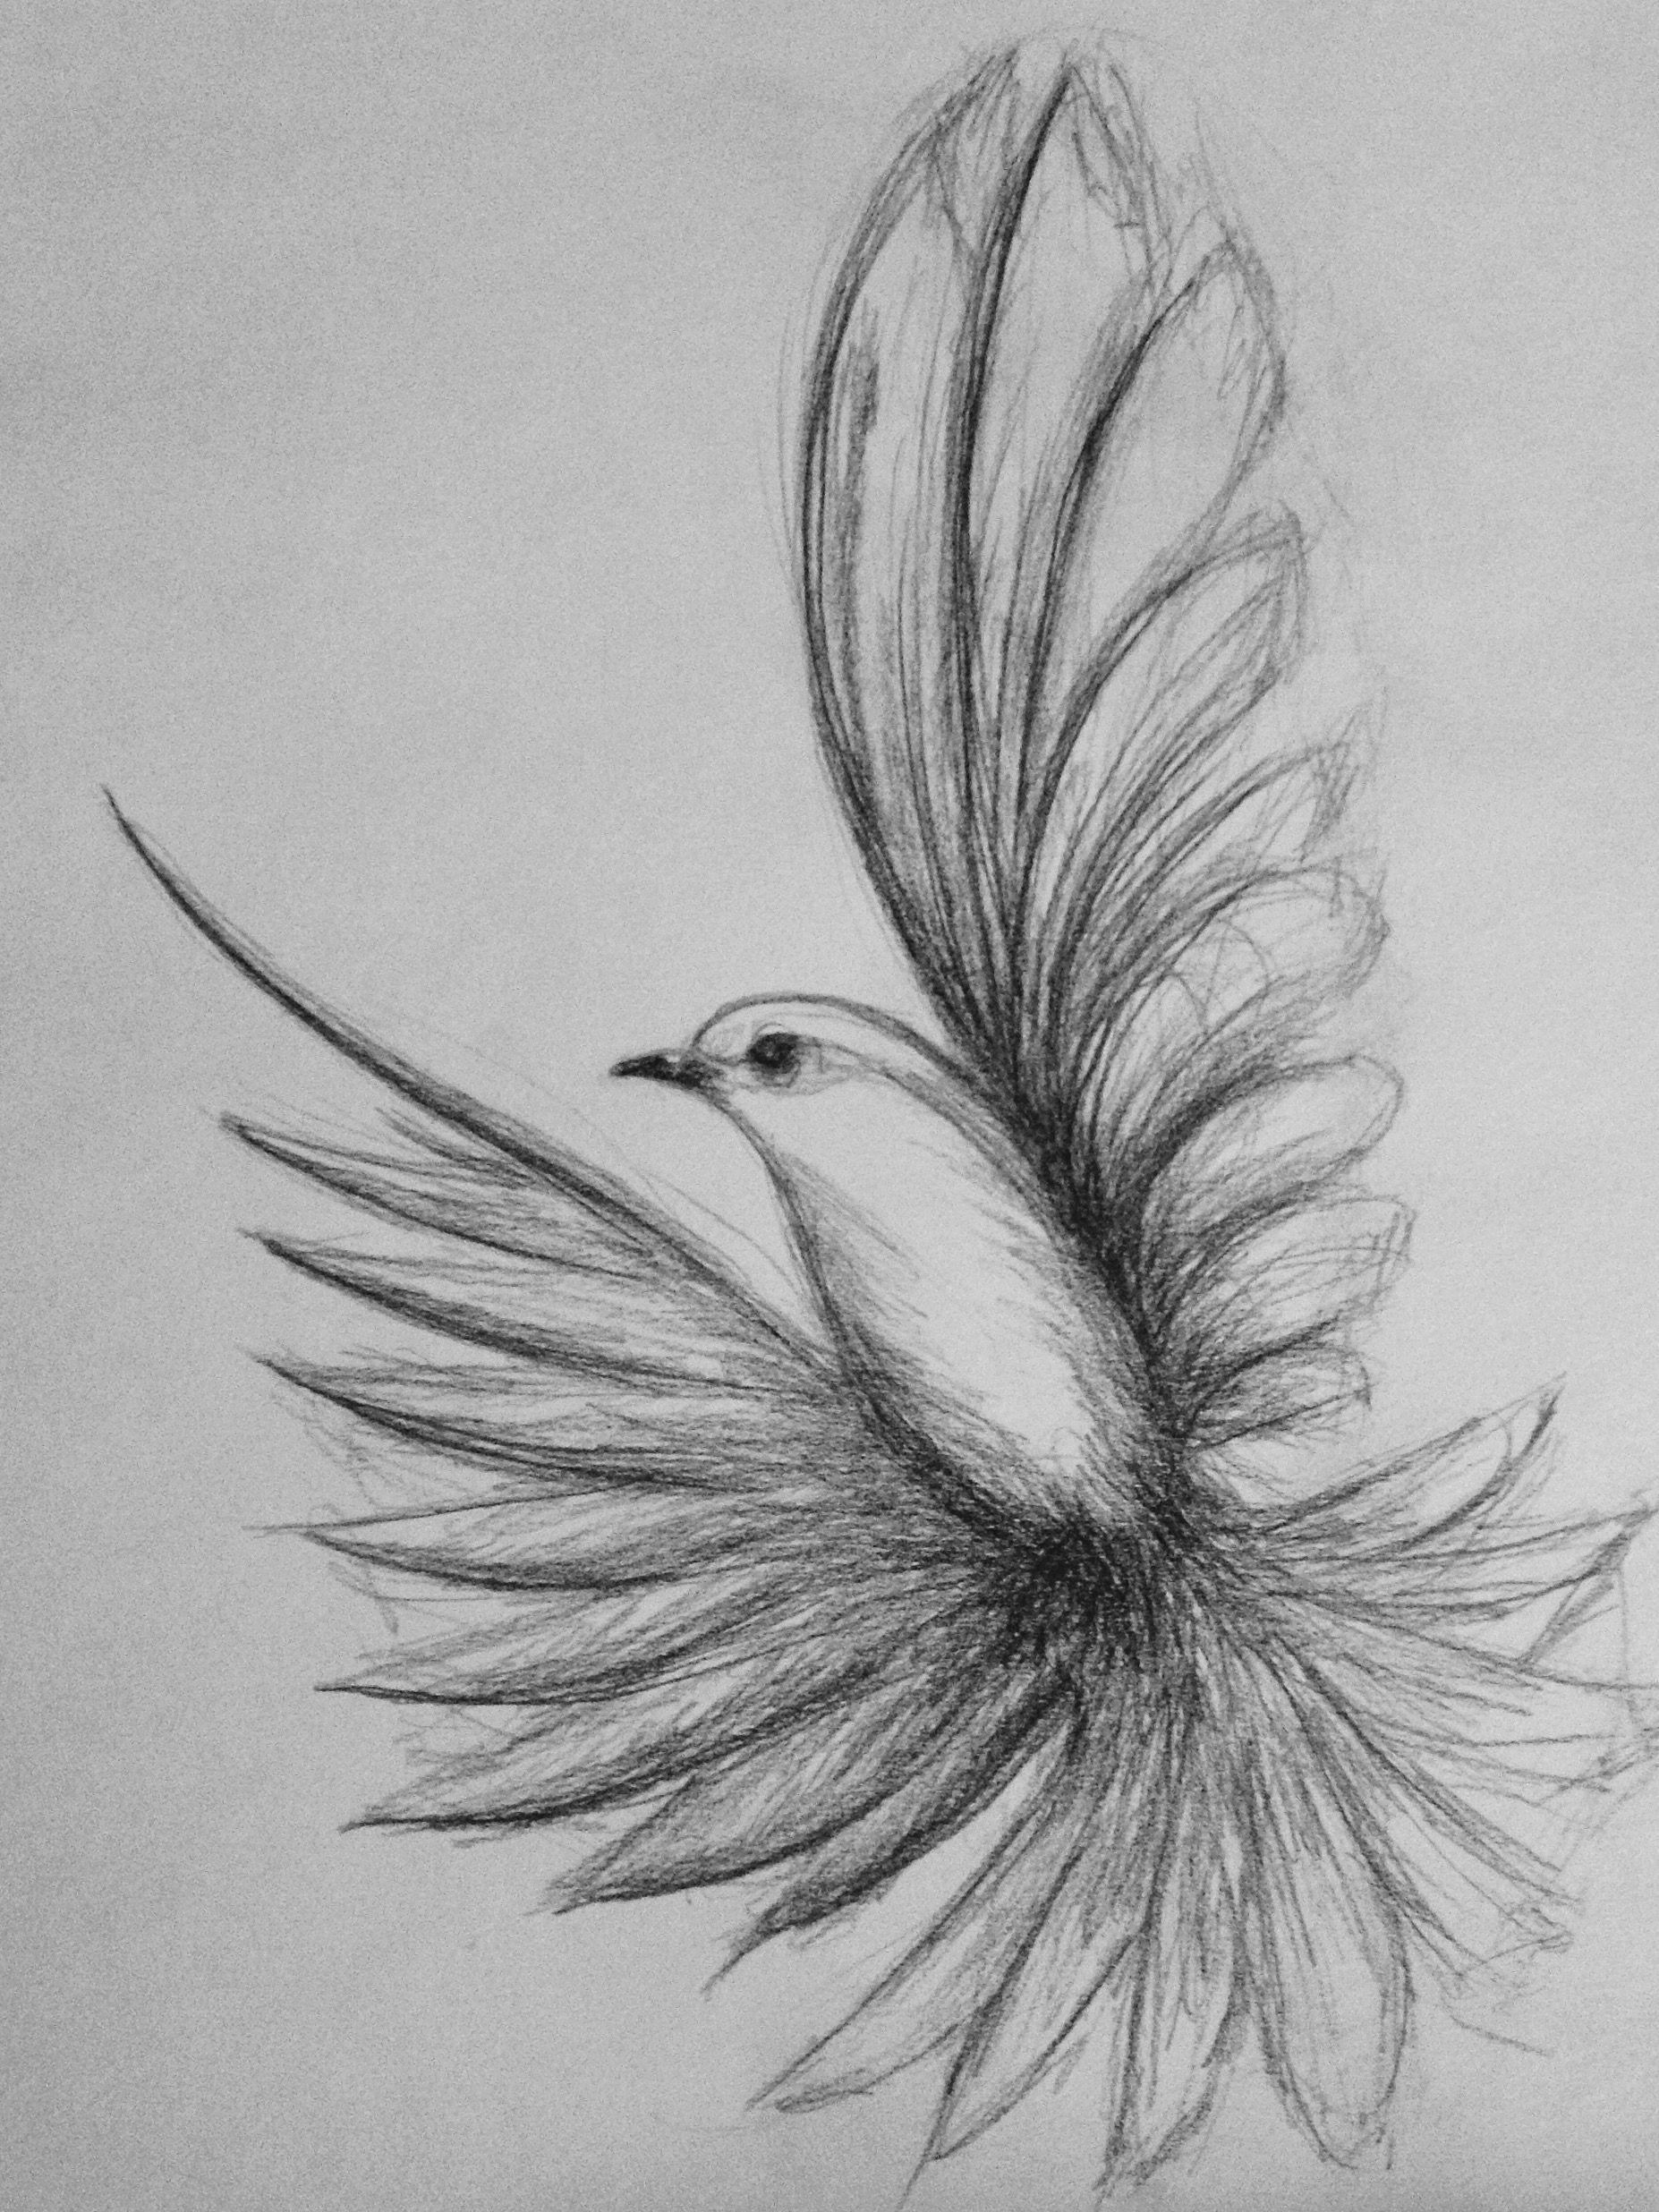 птицы рисовать карандашом легко новом фильтре